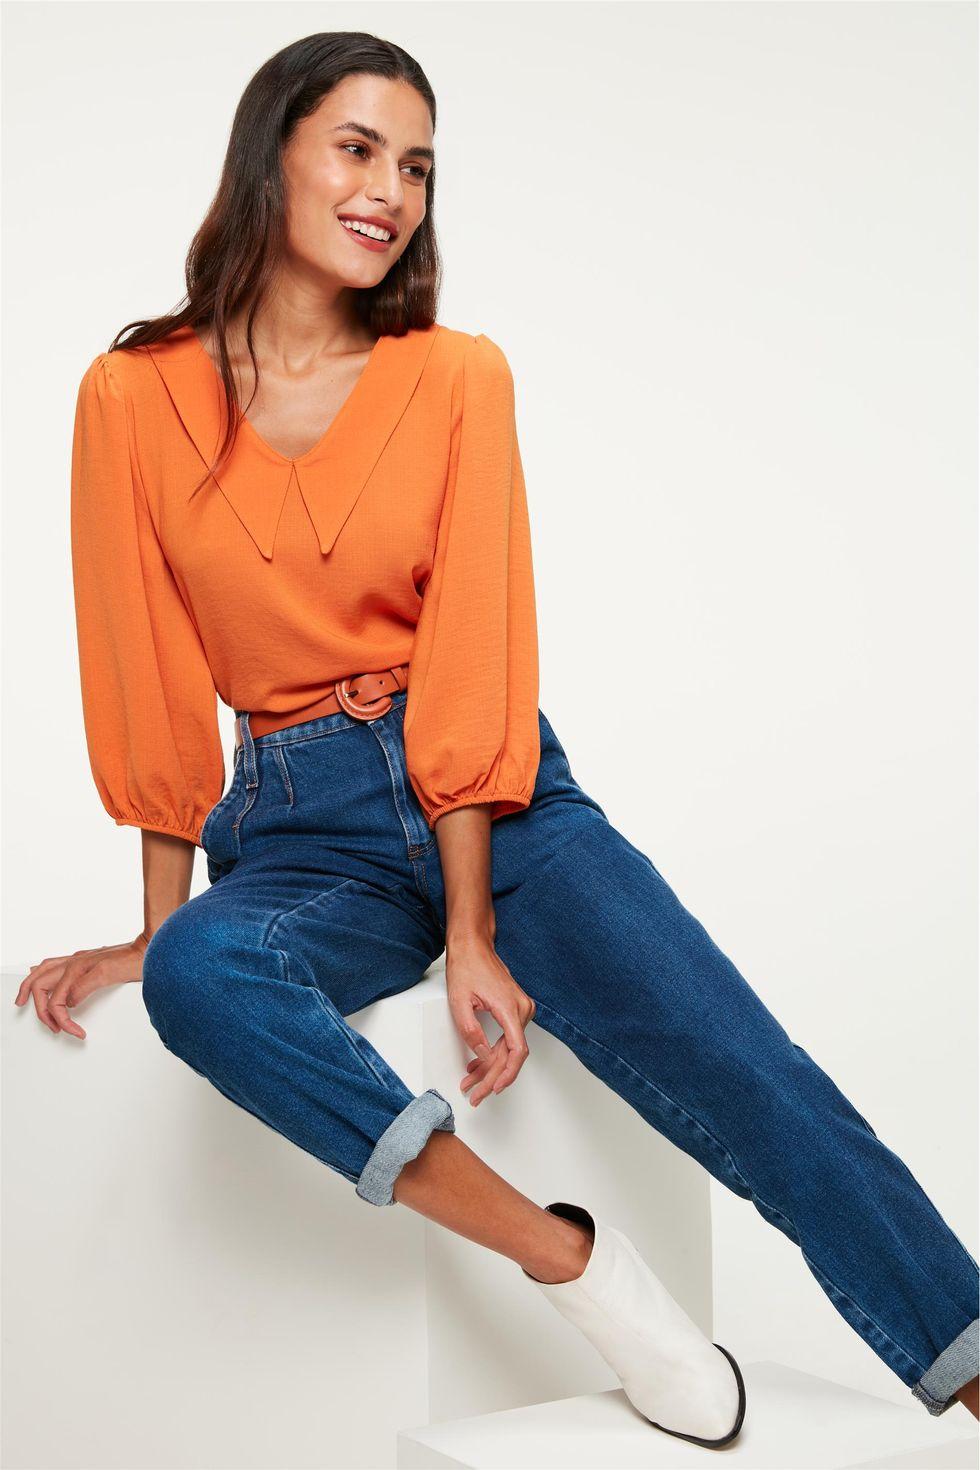 Calça Jeans Slouchy com Cinto Color Tam: 34 / Cor: ESCURA